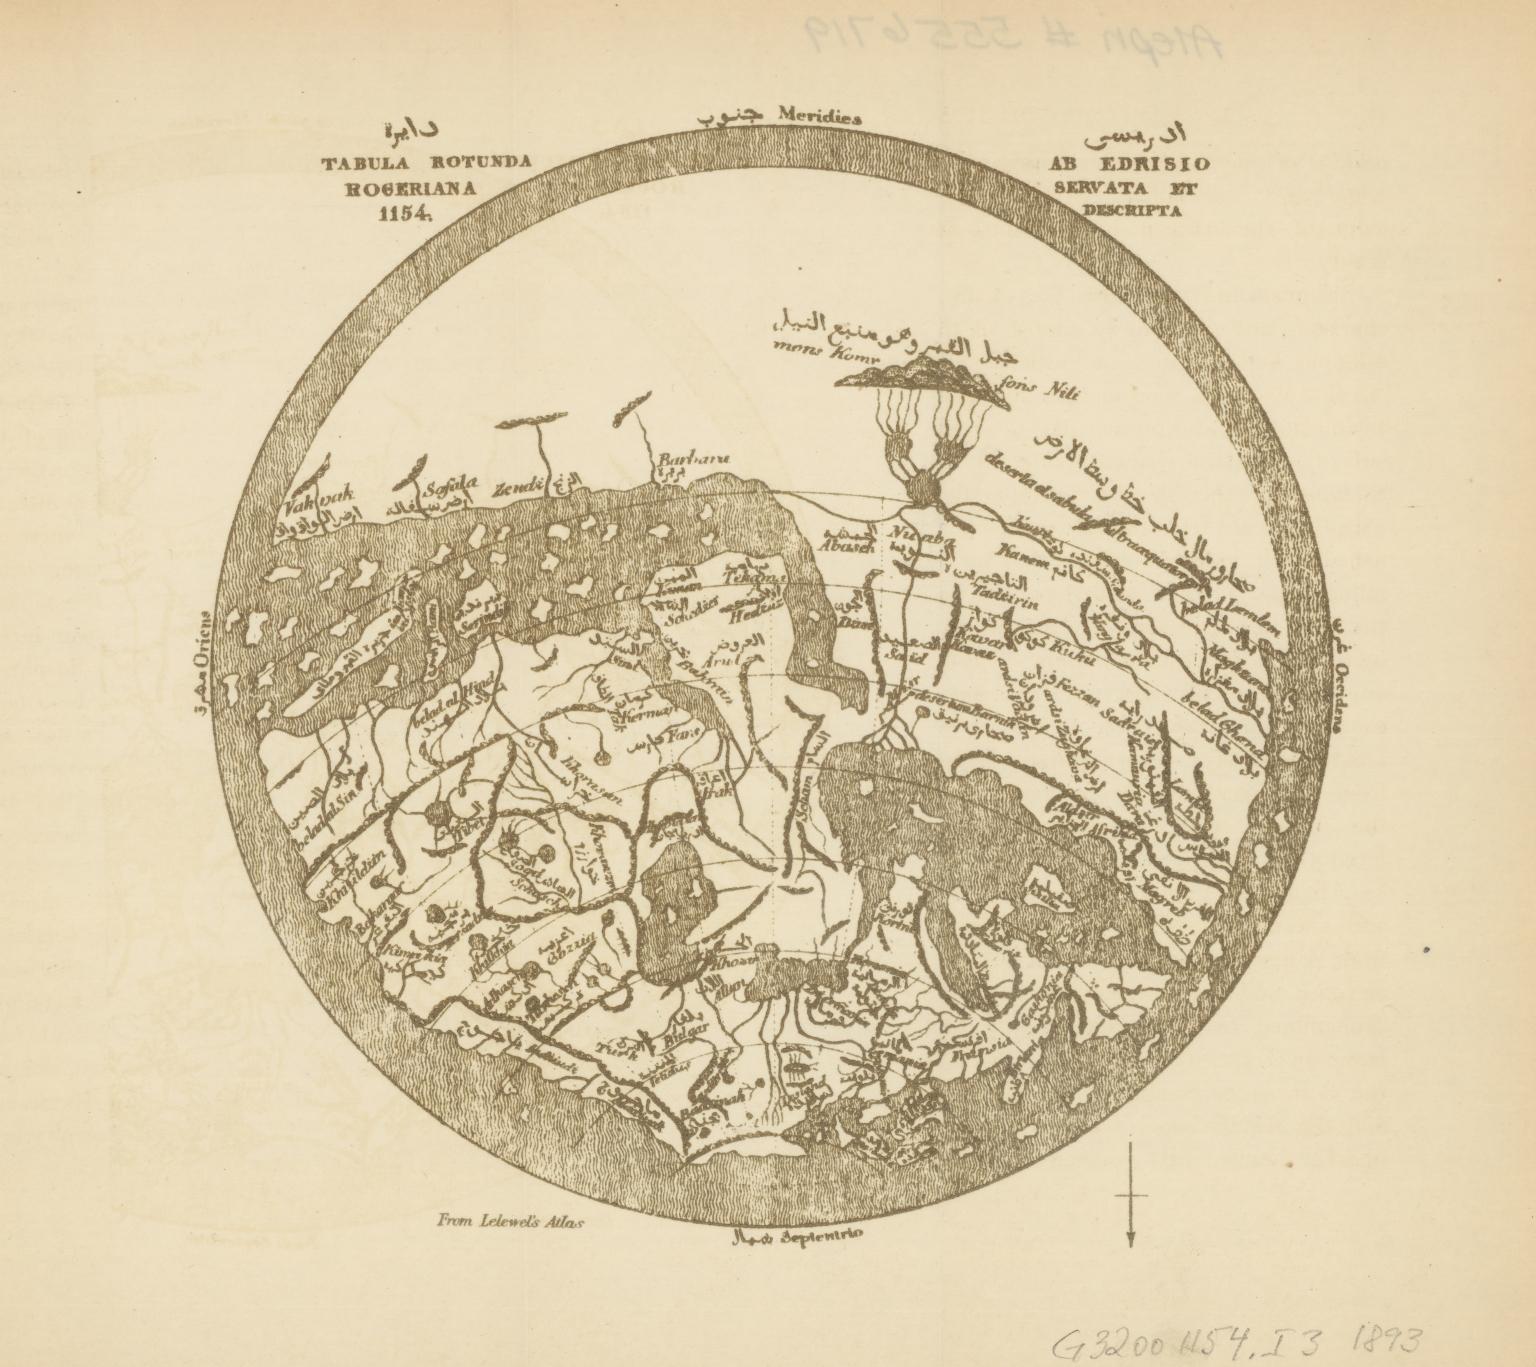 Tabula rotunda Rogeriana, 1154